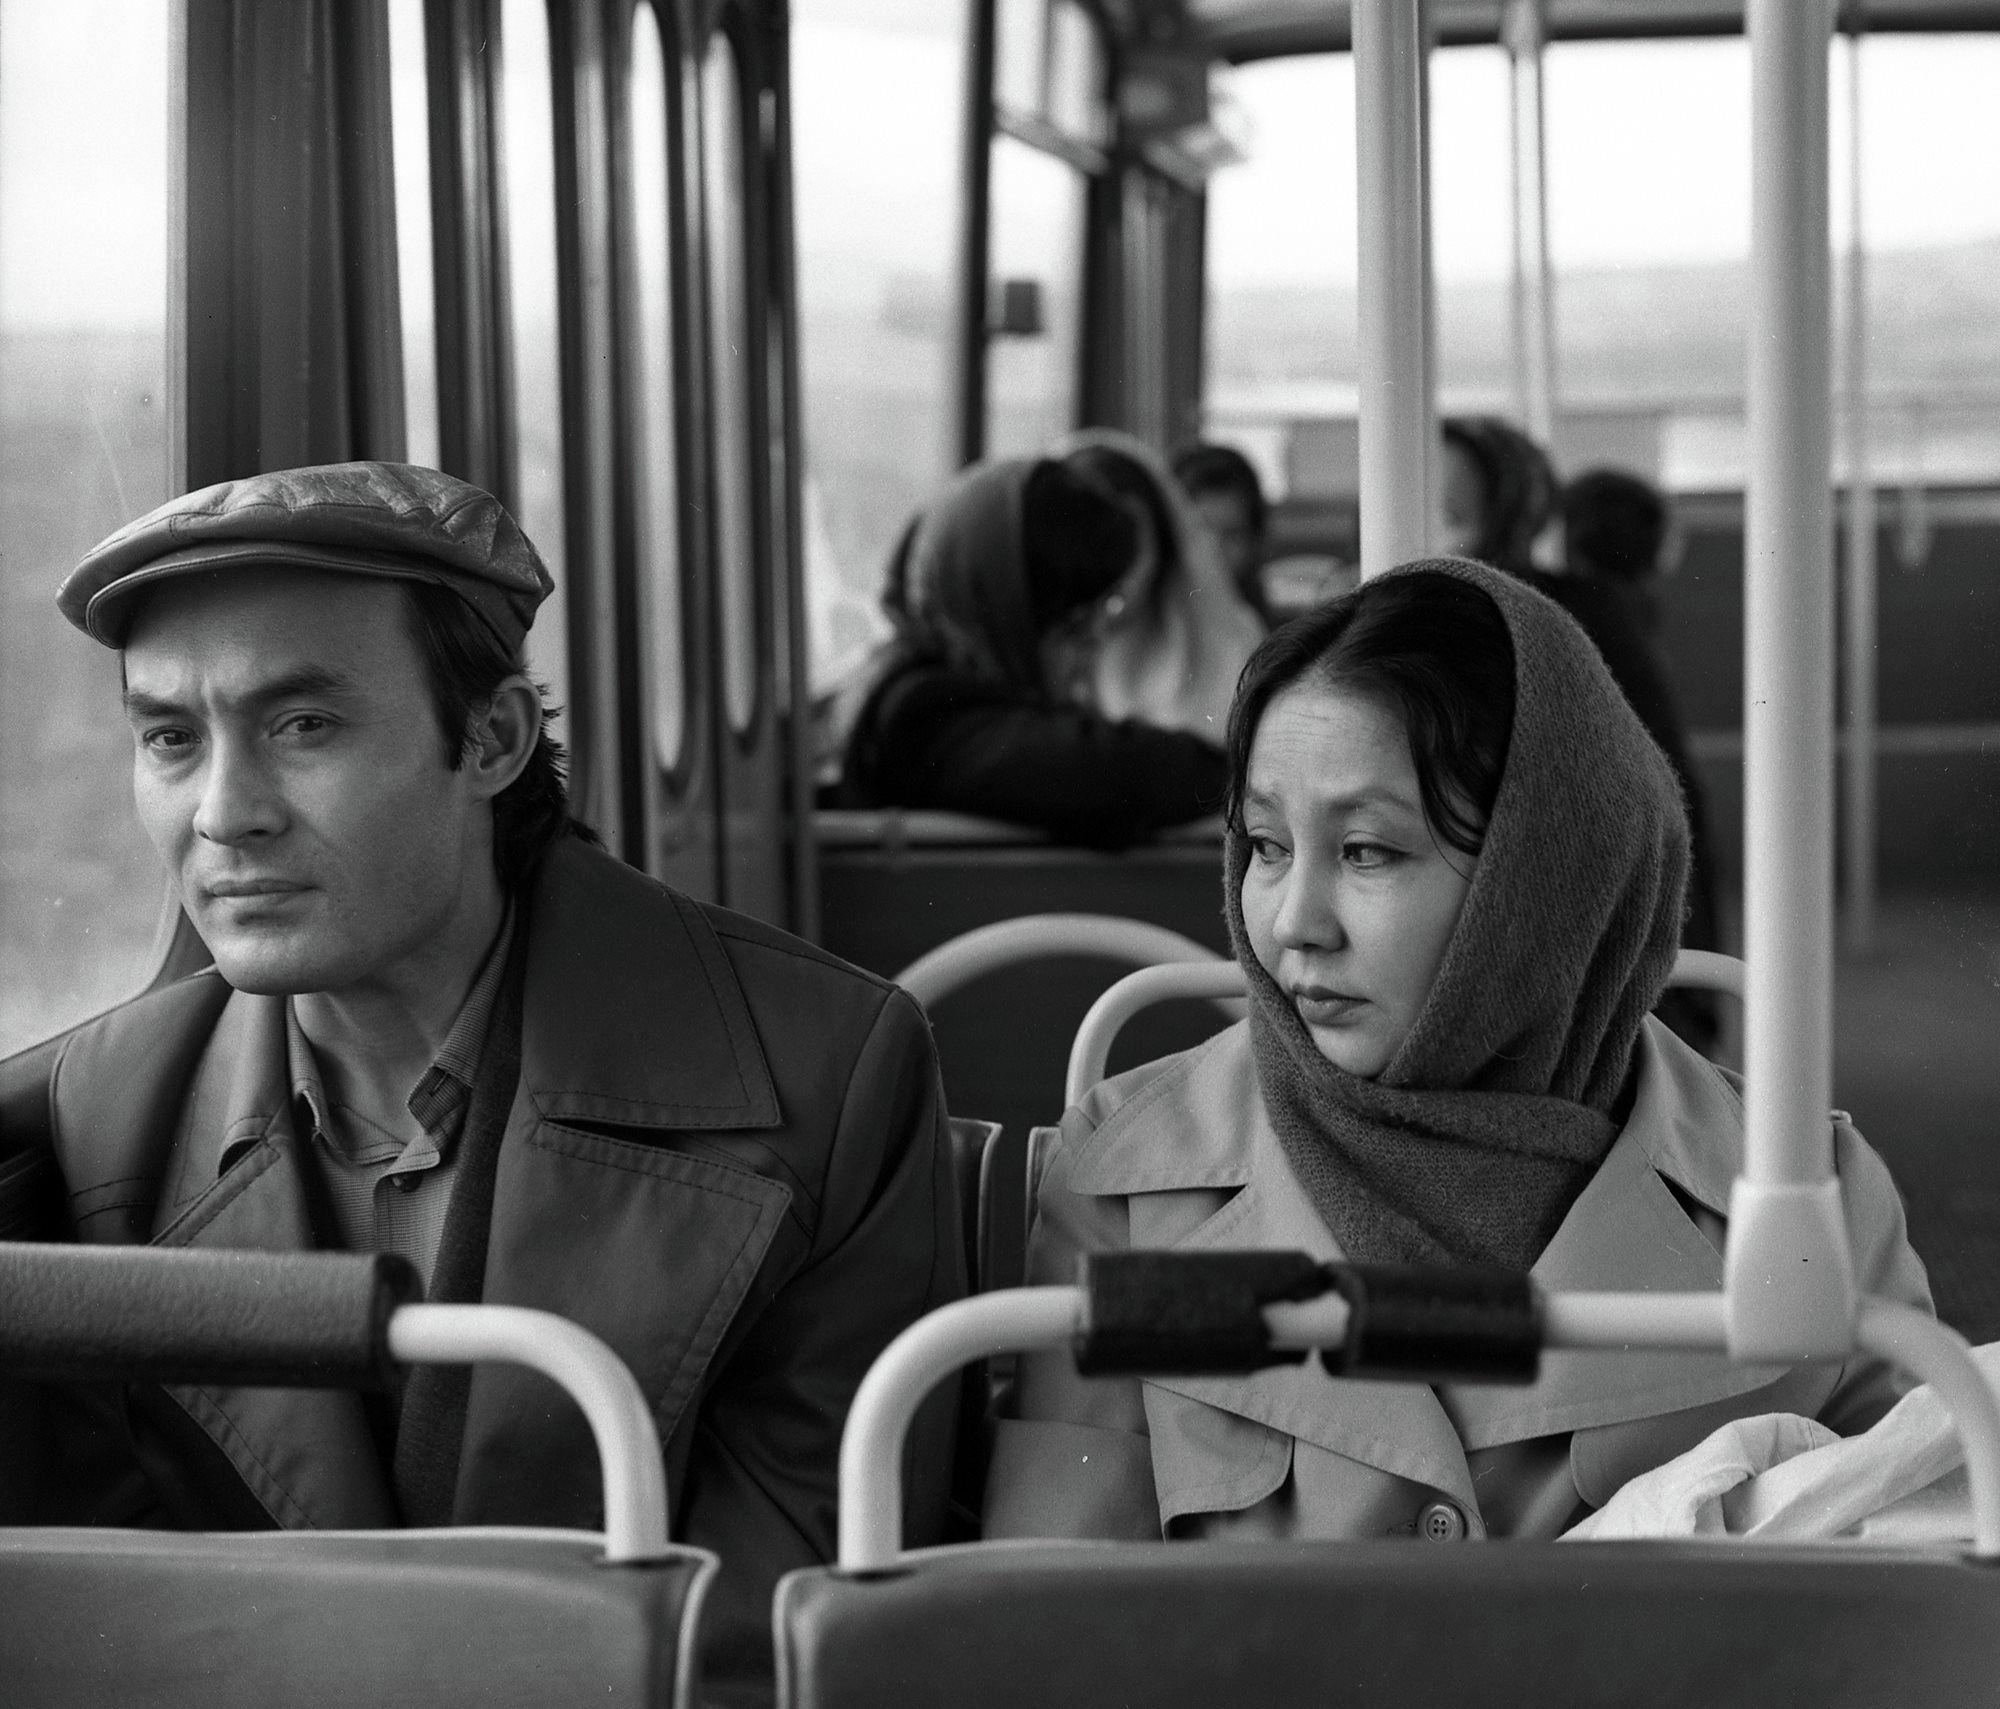 Белгилүү киноактер Талгат Нигматулин менен актриса Таттыбүбү Турсунбаеванын сүрөтү 1981-жылы Фрунзе (азыркы Бишкек) шаарында тартылган